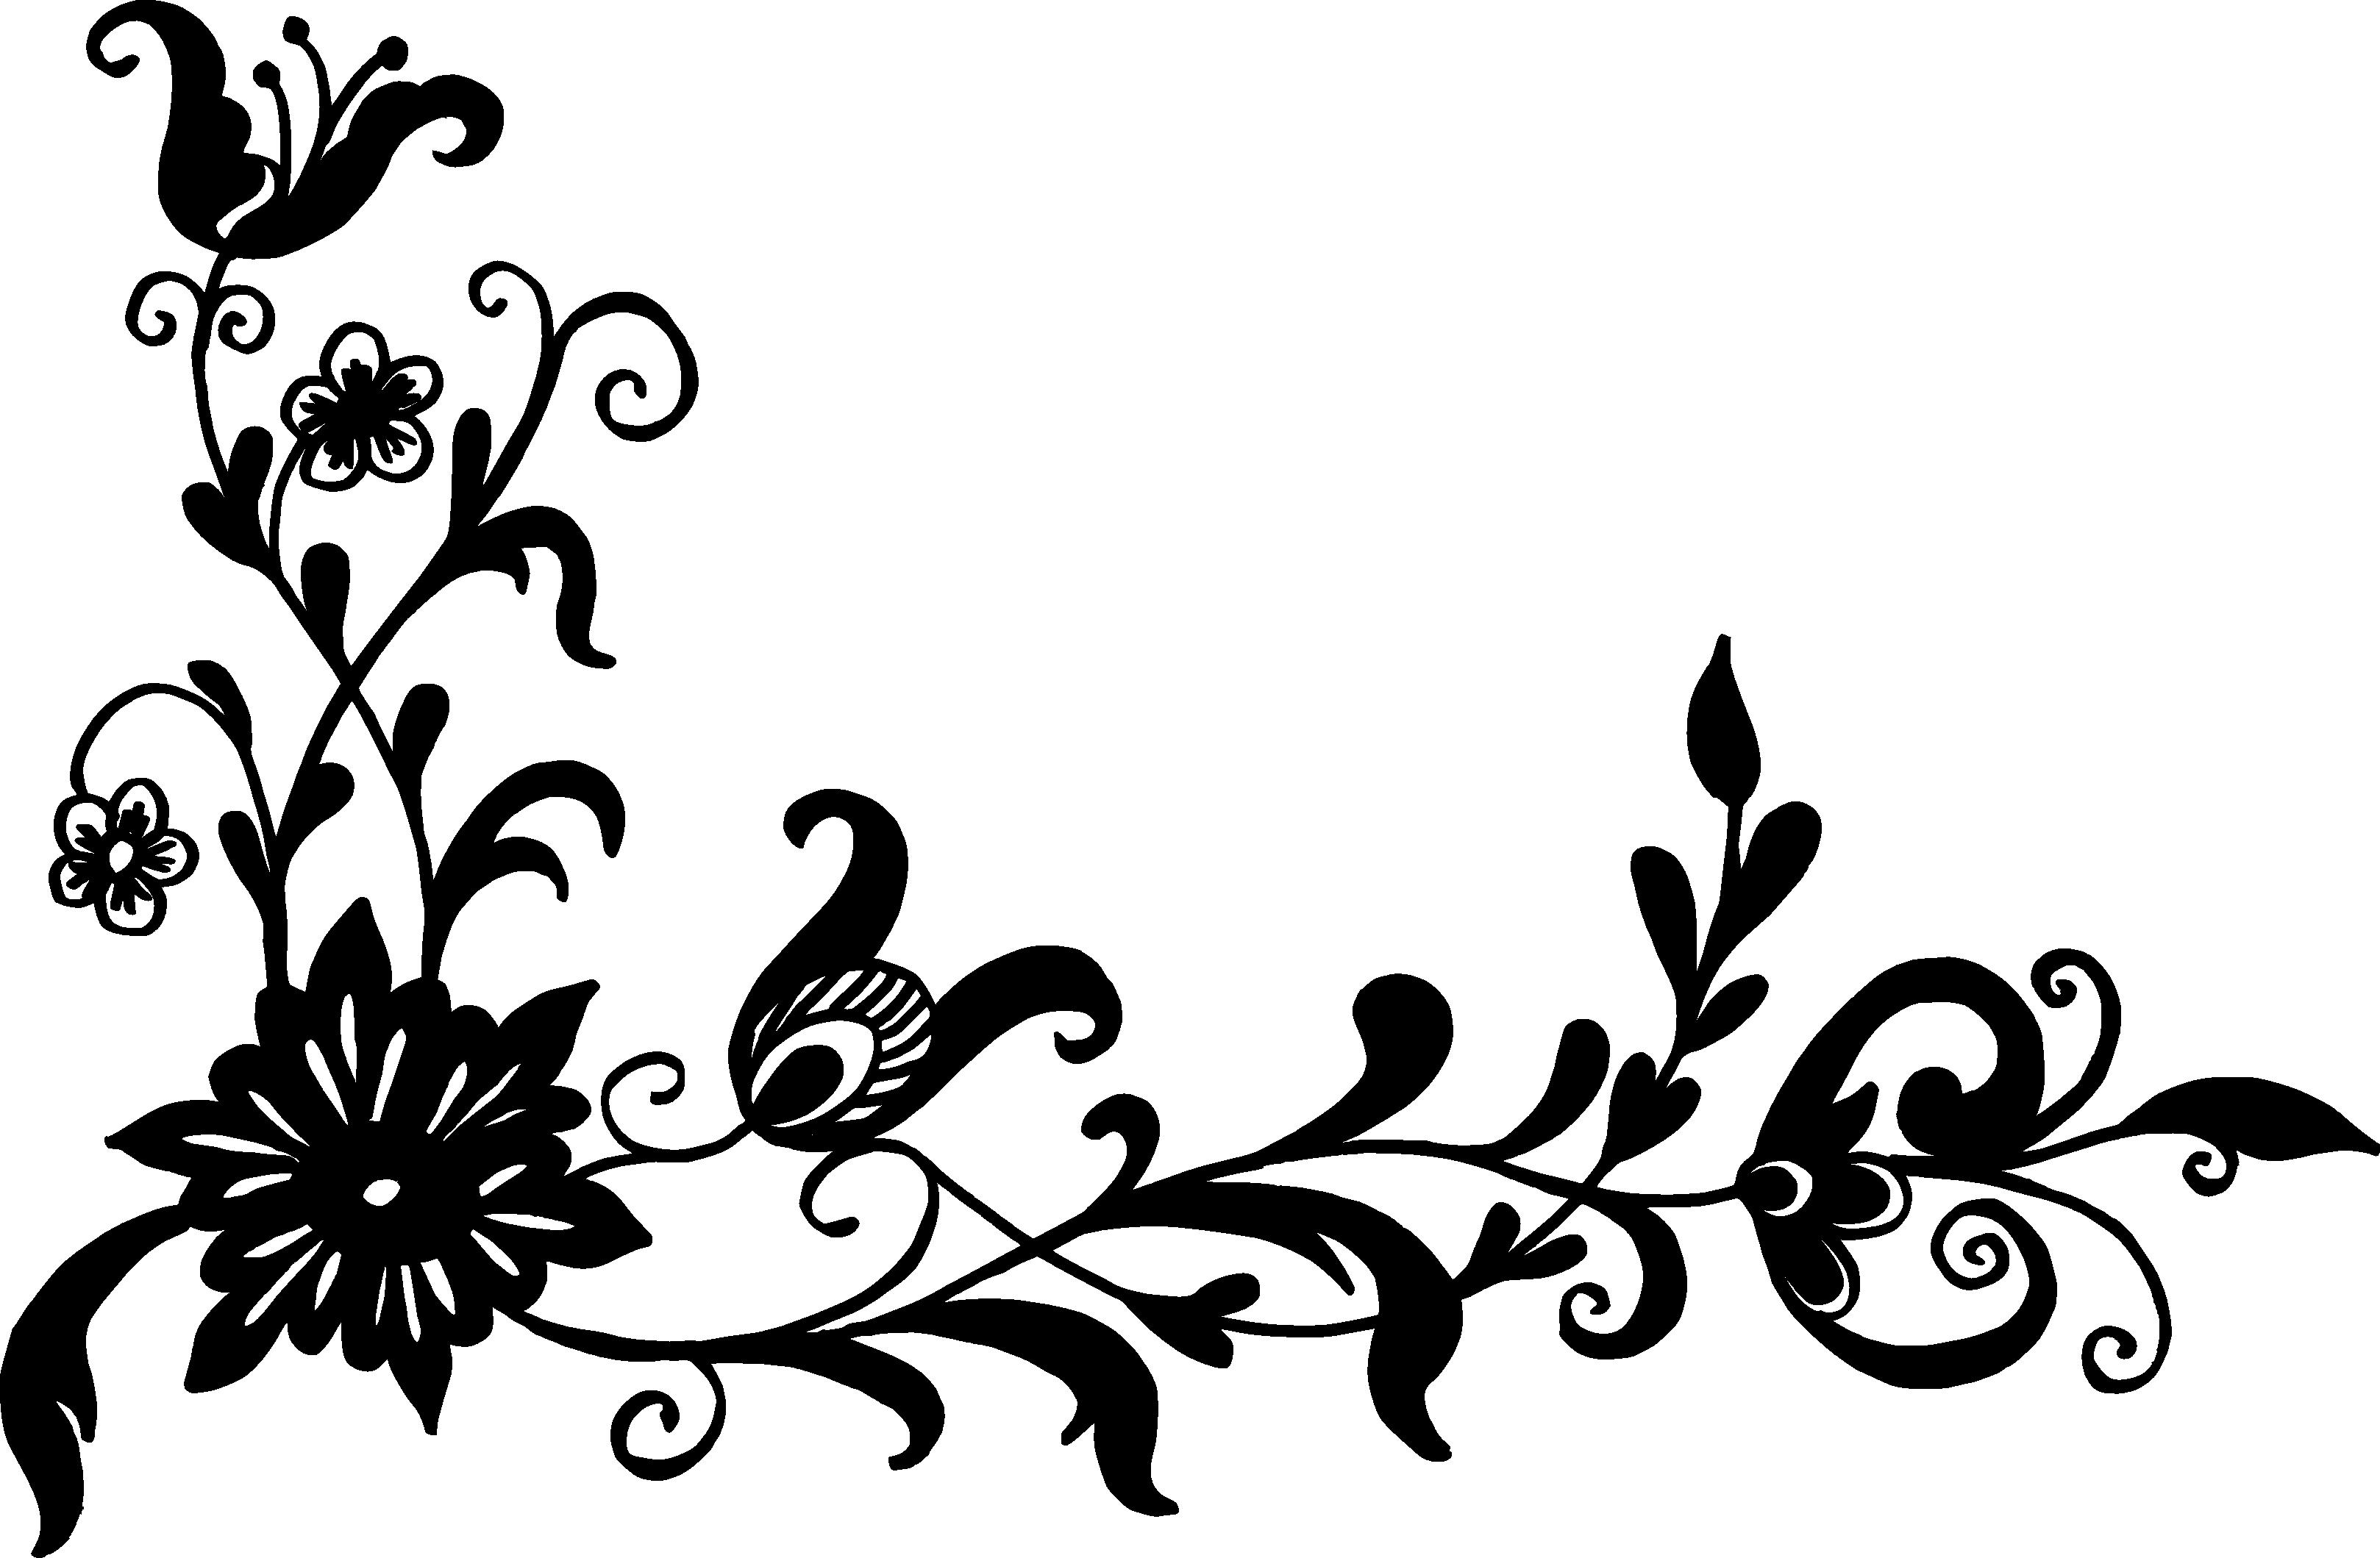 18 Flower Corner Vector (PNG Transparent, SVG) | OnlyGFX com